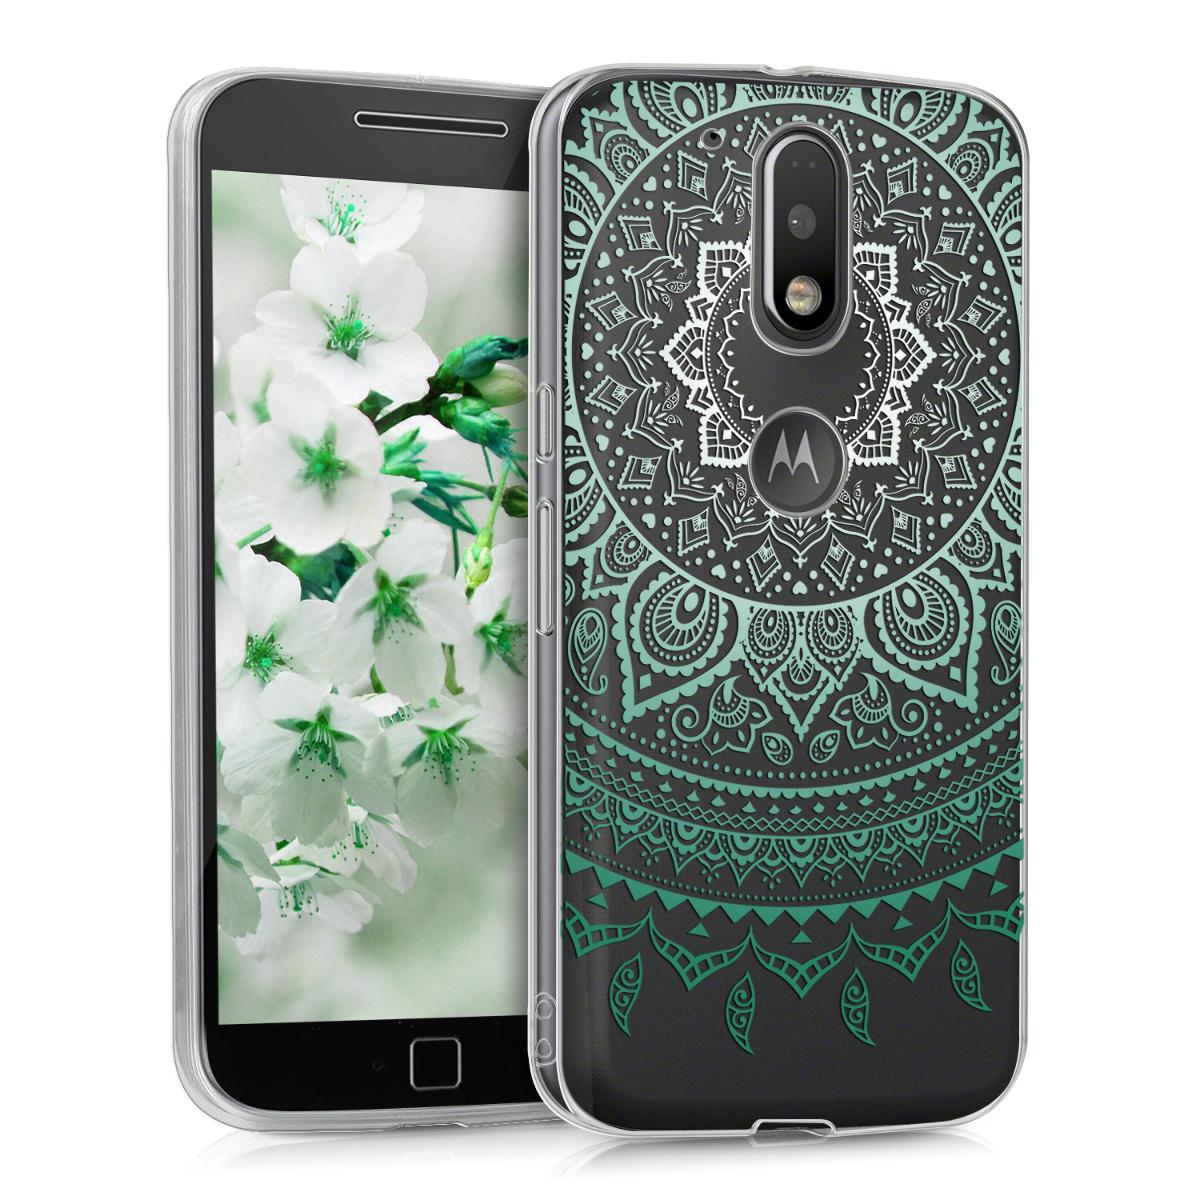 Kvalitní silikonové TPU pouzdro | obal pro Motorola Moto G4 / Moto G4 Plus - Indiánské slunce Mátová / Bílá / Průhledná